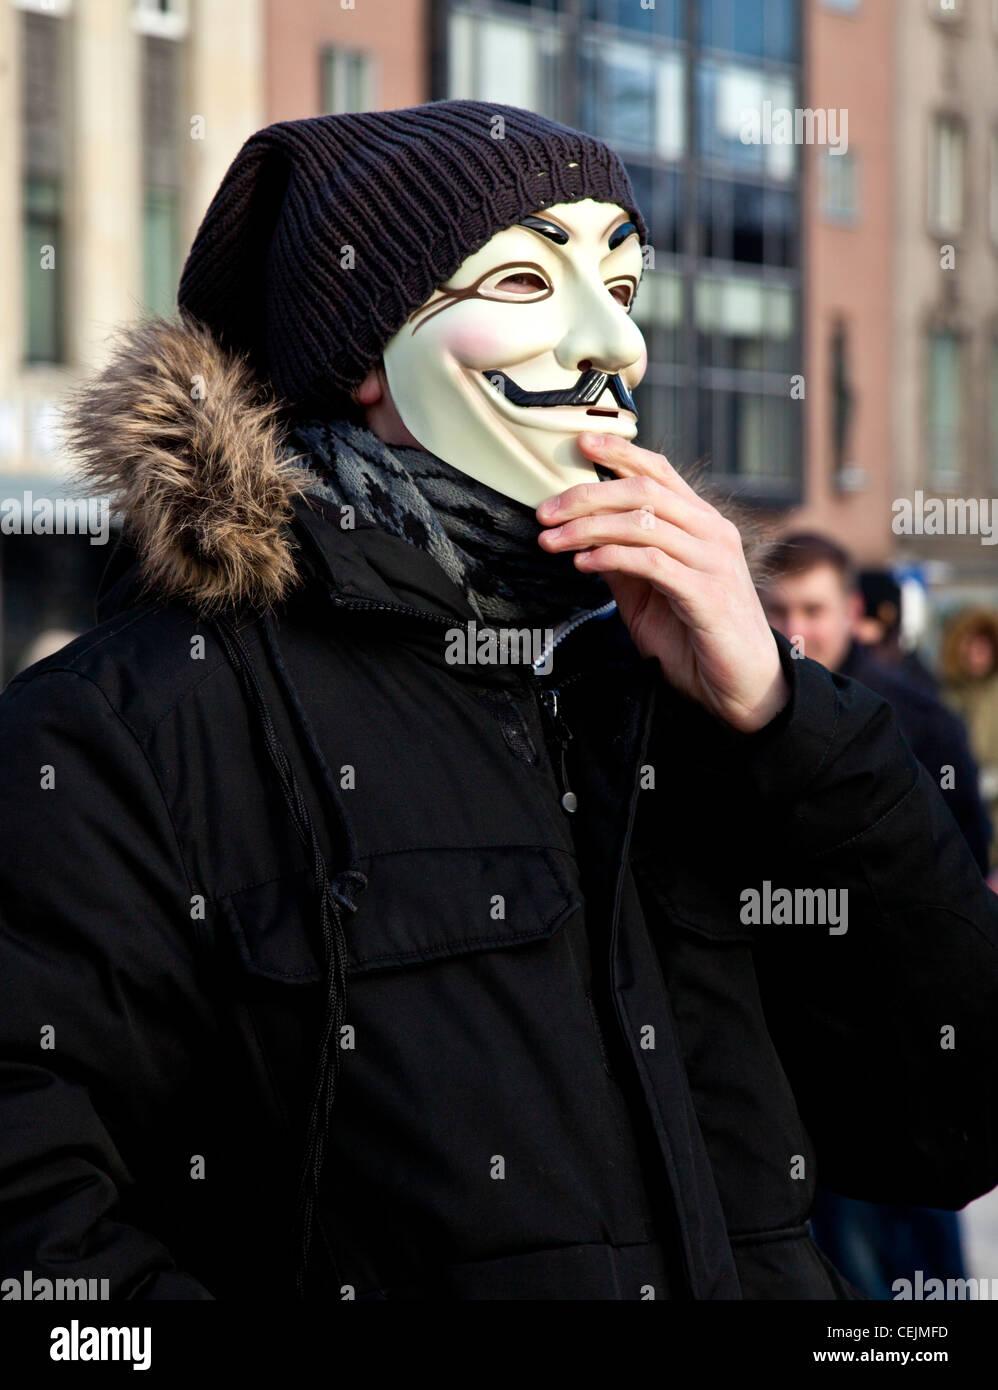 Mann mit eine Guy Fawkes Maske auf den Protest gegen die Anti-Counterfeiting Trade Agreement in Tallinn, Estland Stockbild